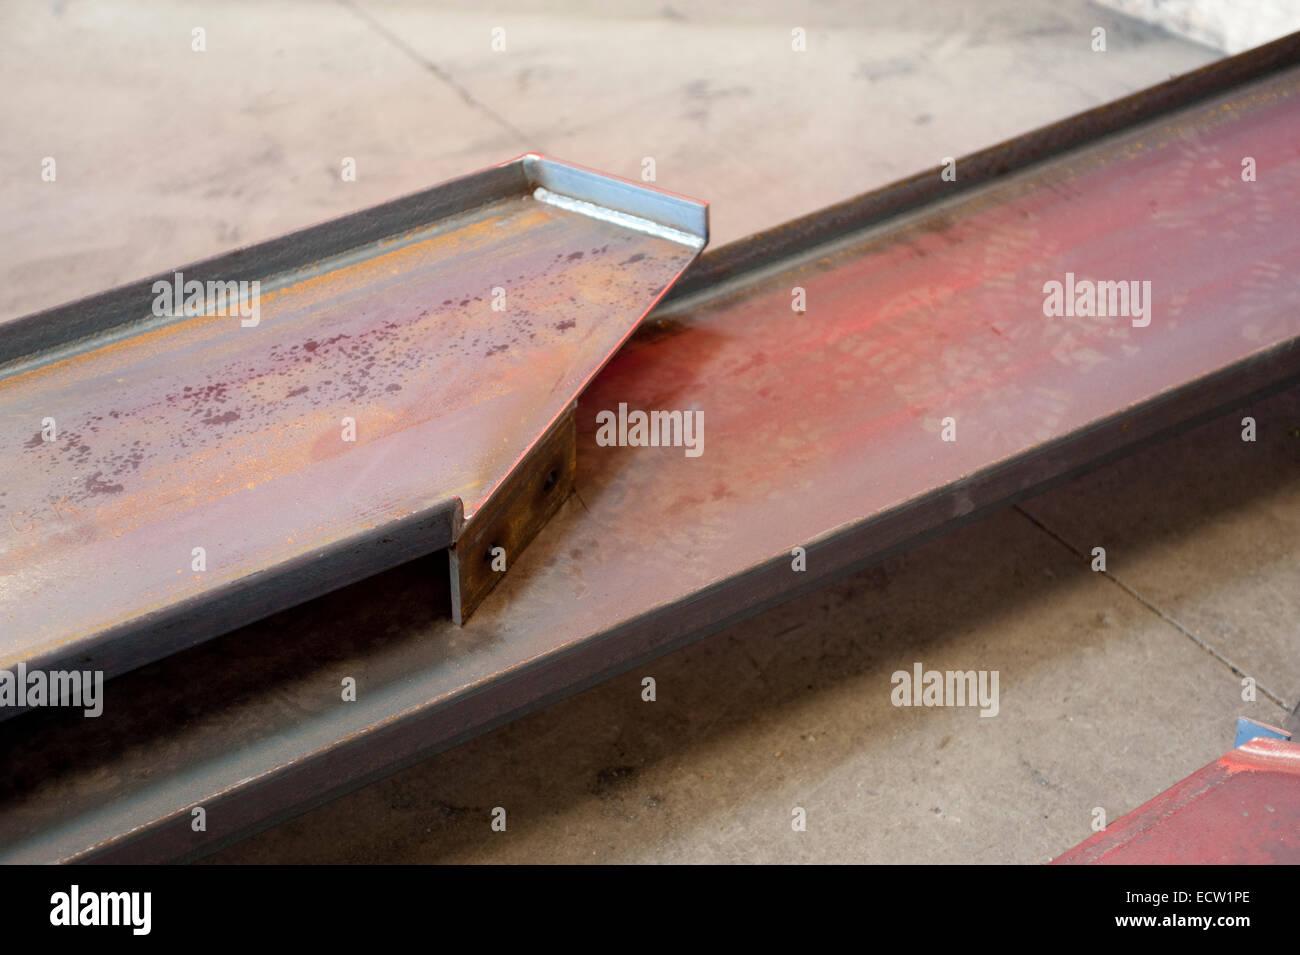 Escada de aço longarinas em uma loja de fabricação de metais diversos. Imagens de Stock